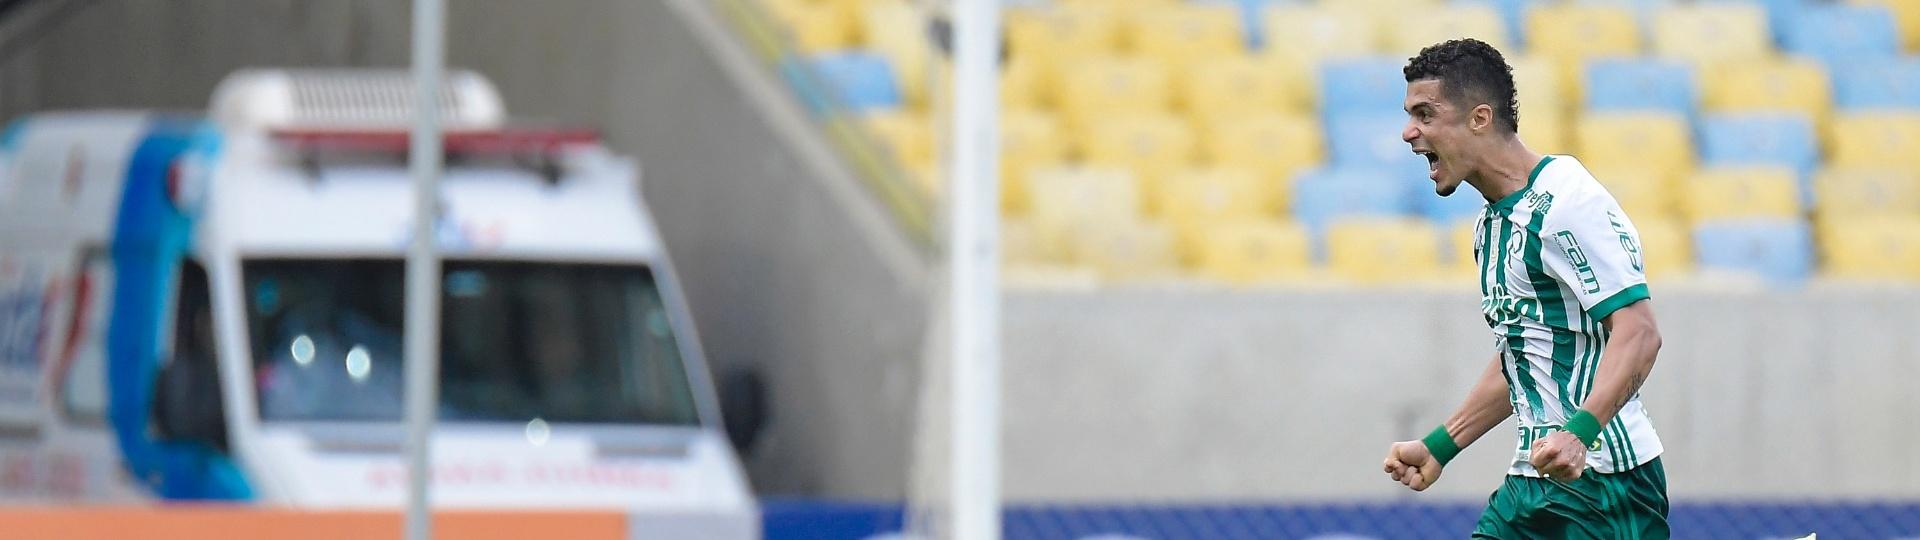 Egidio, do Palmeiras, comemorando o gol durante partida contra o Fluminense pelo Campeonato Brasileiro